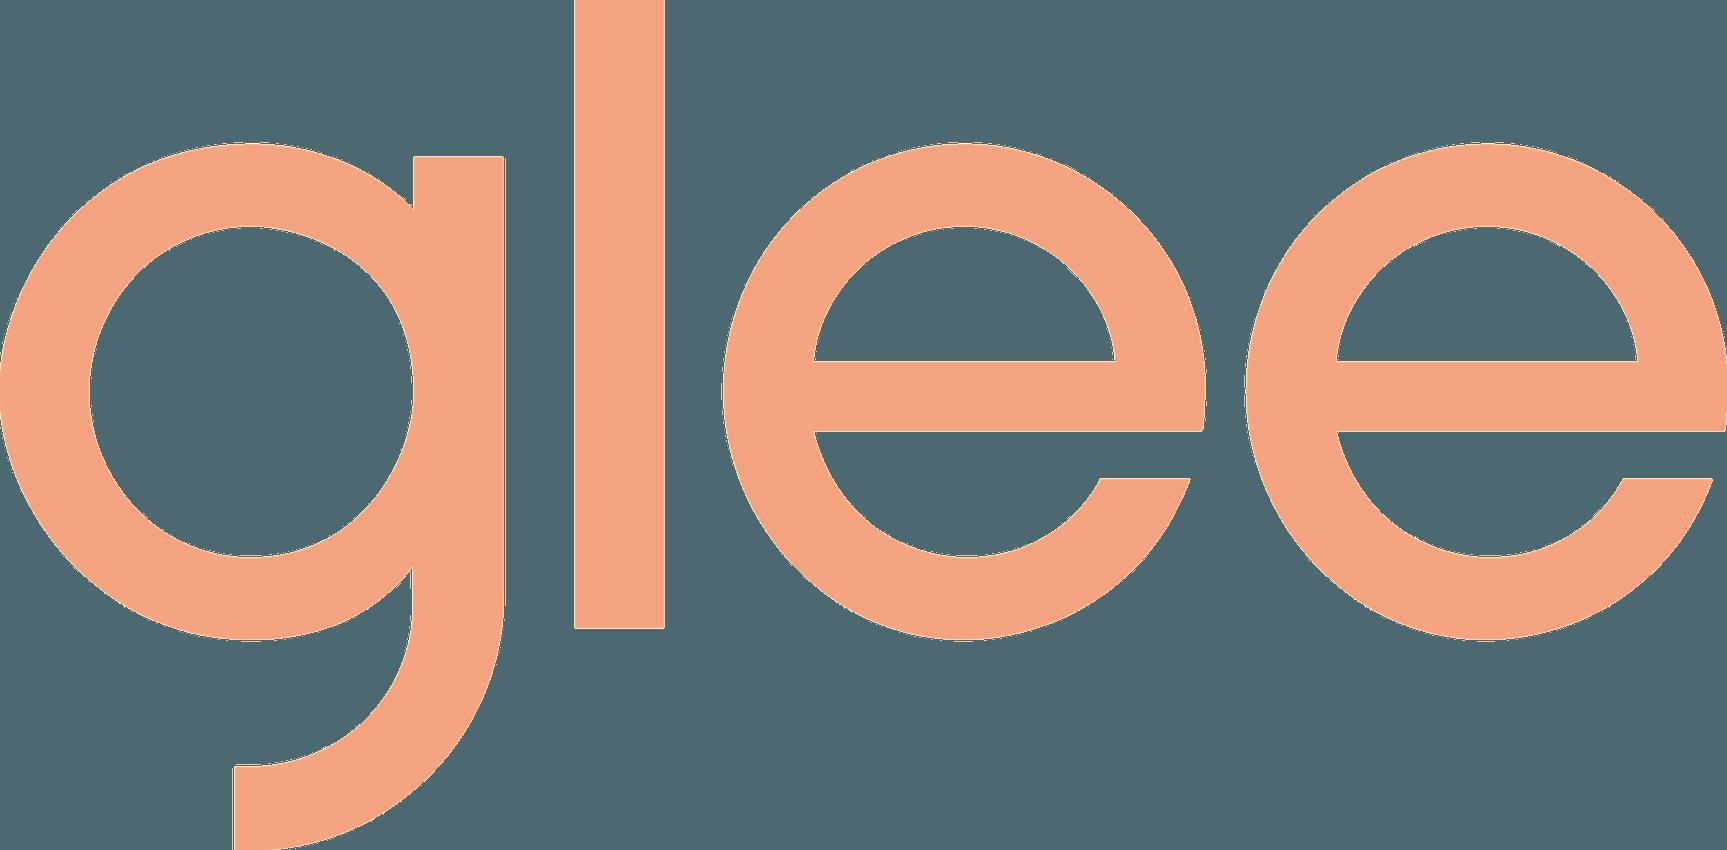 Glee logo pink